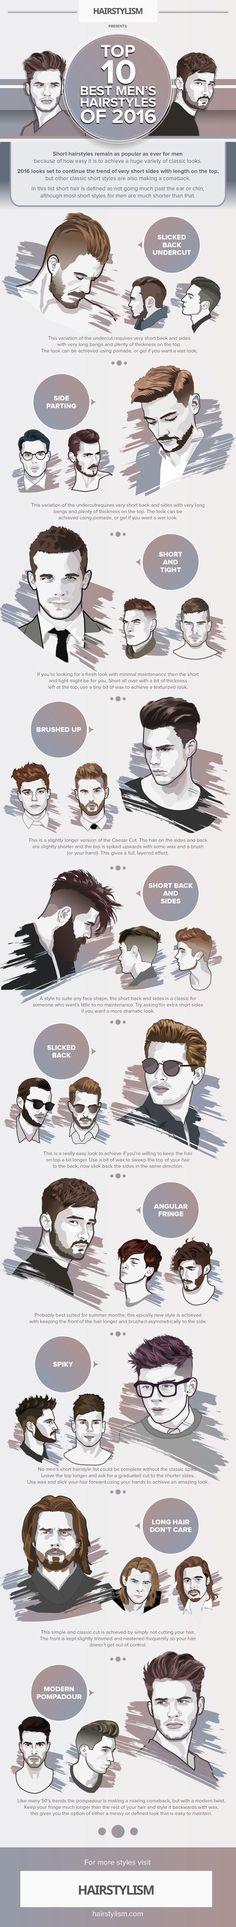 สุดสัปดาห์นี้ Dandy T นำ Top 10 Best Men's Hairstyles of 2016 มาแชร์ใช้เพื่อนดู เผื่อไว้เป็นแบบในการตัดผมครั้งใหม่ของคุณกันนะครับ   สั่งซื้อ pomade และ hair texturizing products  นำเข้าจากแบรนด์ชั้นนำได้ผ่านทาง 1. Line ID: Dandy_T 2. Inbox 3. ผ่าน Web-store:  (มีช่องทางการชำระผ่านบัตรเครดิต) www.dandytpomadethailand.com  *** สำหรับการซื้อ wholesales สามารถติดต่อได้ตามช่องทางด้านล่างนี้ครับ *** www.dandytpomadethailand.com/contactus  Credit: hairstylism.com